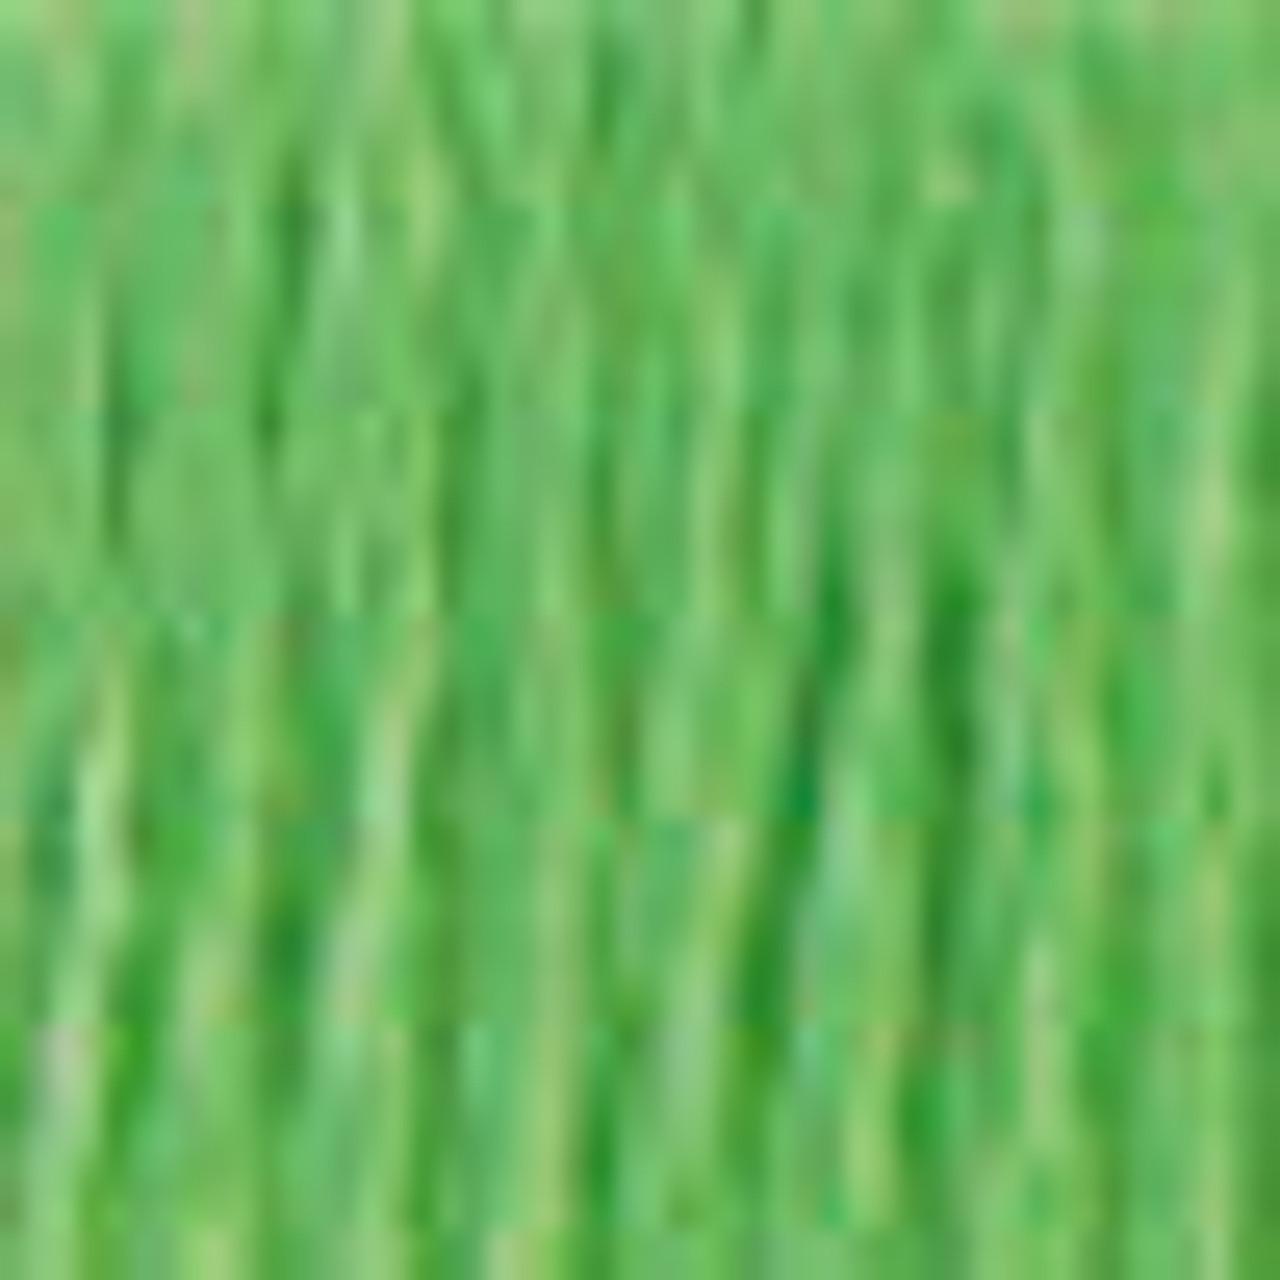 DMC # 703 Chartreuse Floss / Thread